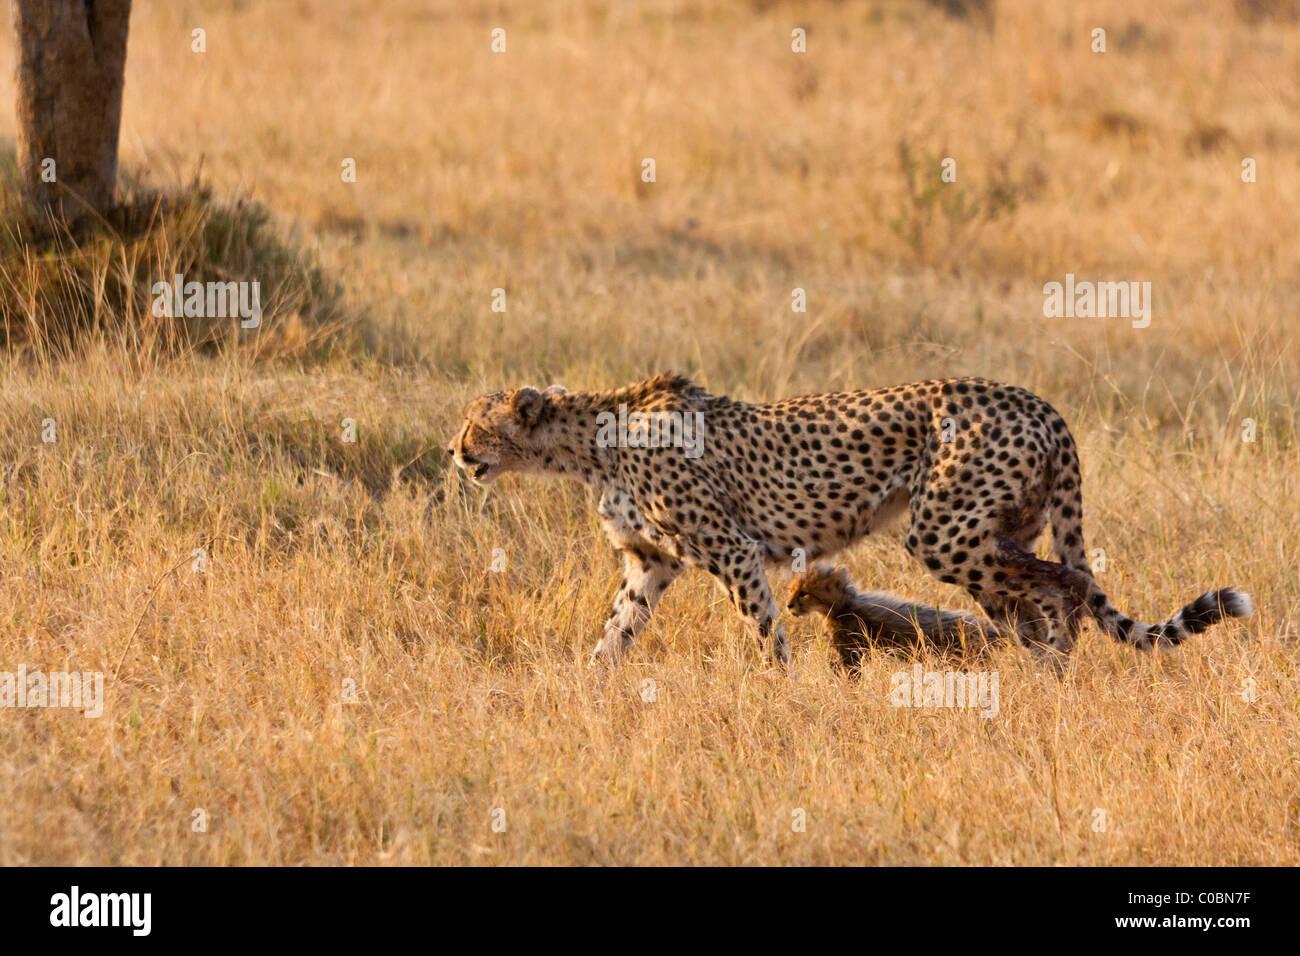 Injured Cheetah Stock Photos & Injured Cheetah Stock Images - Alamy